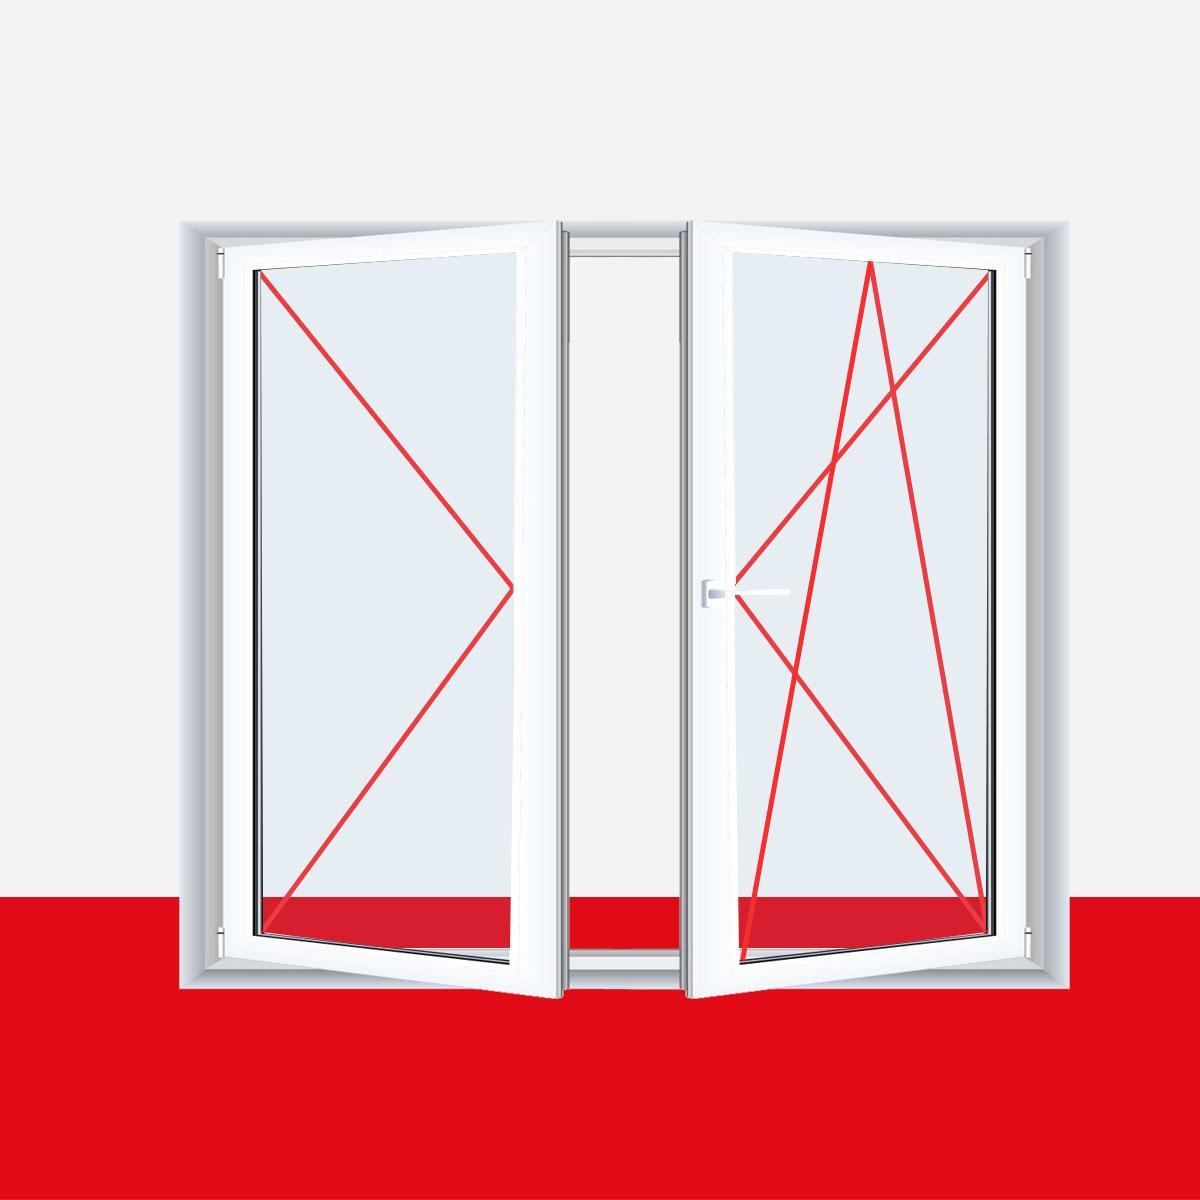 2 fl gliges kunststofffenster pyrite dl dkr o dkl dr mit for Fenster 2 farbig